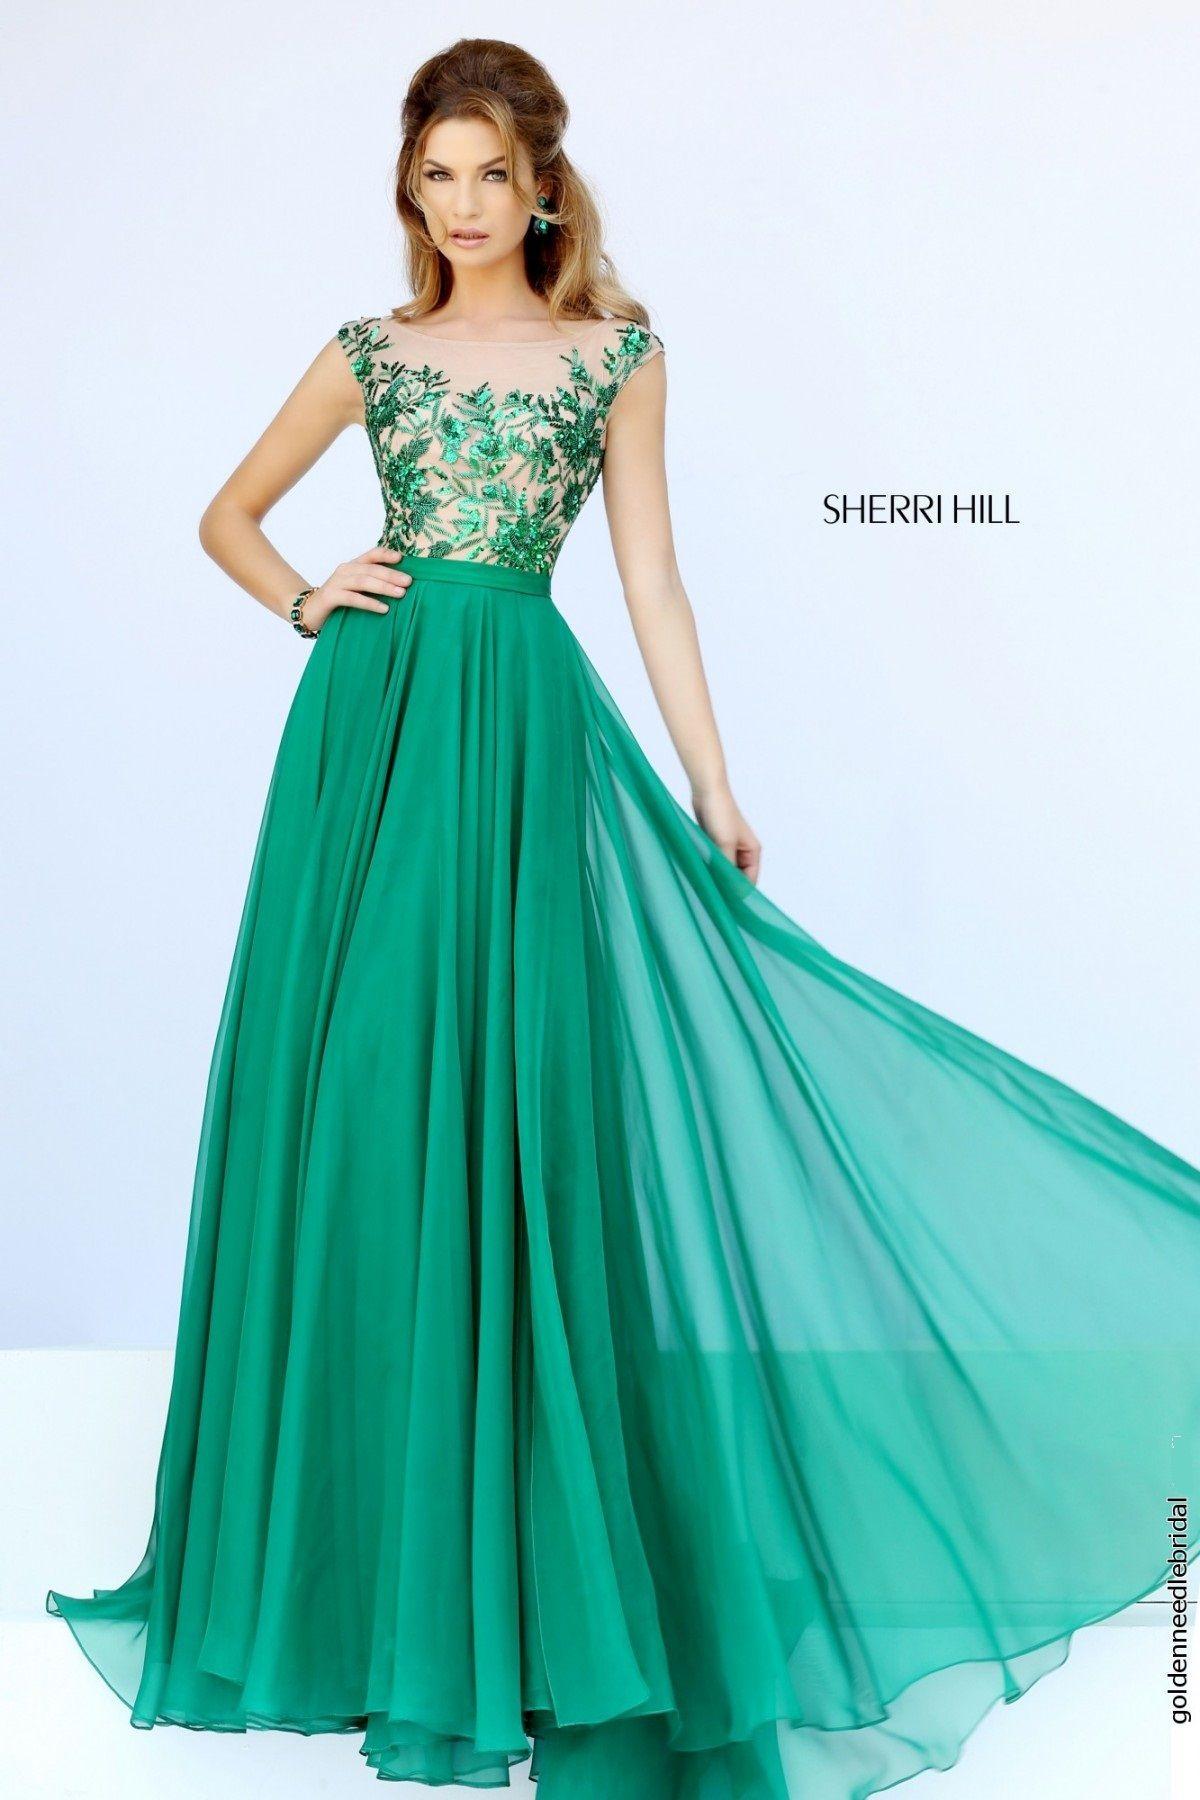 Sherri Hill | Fashion - Sherri Hill | Pinterest | Prom and Fashion